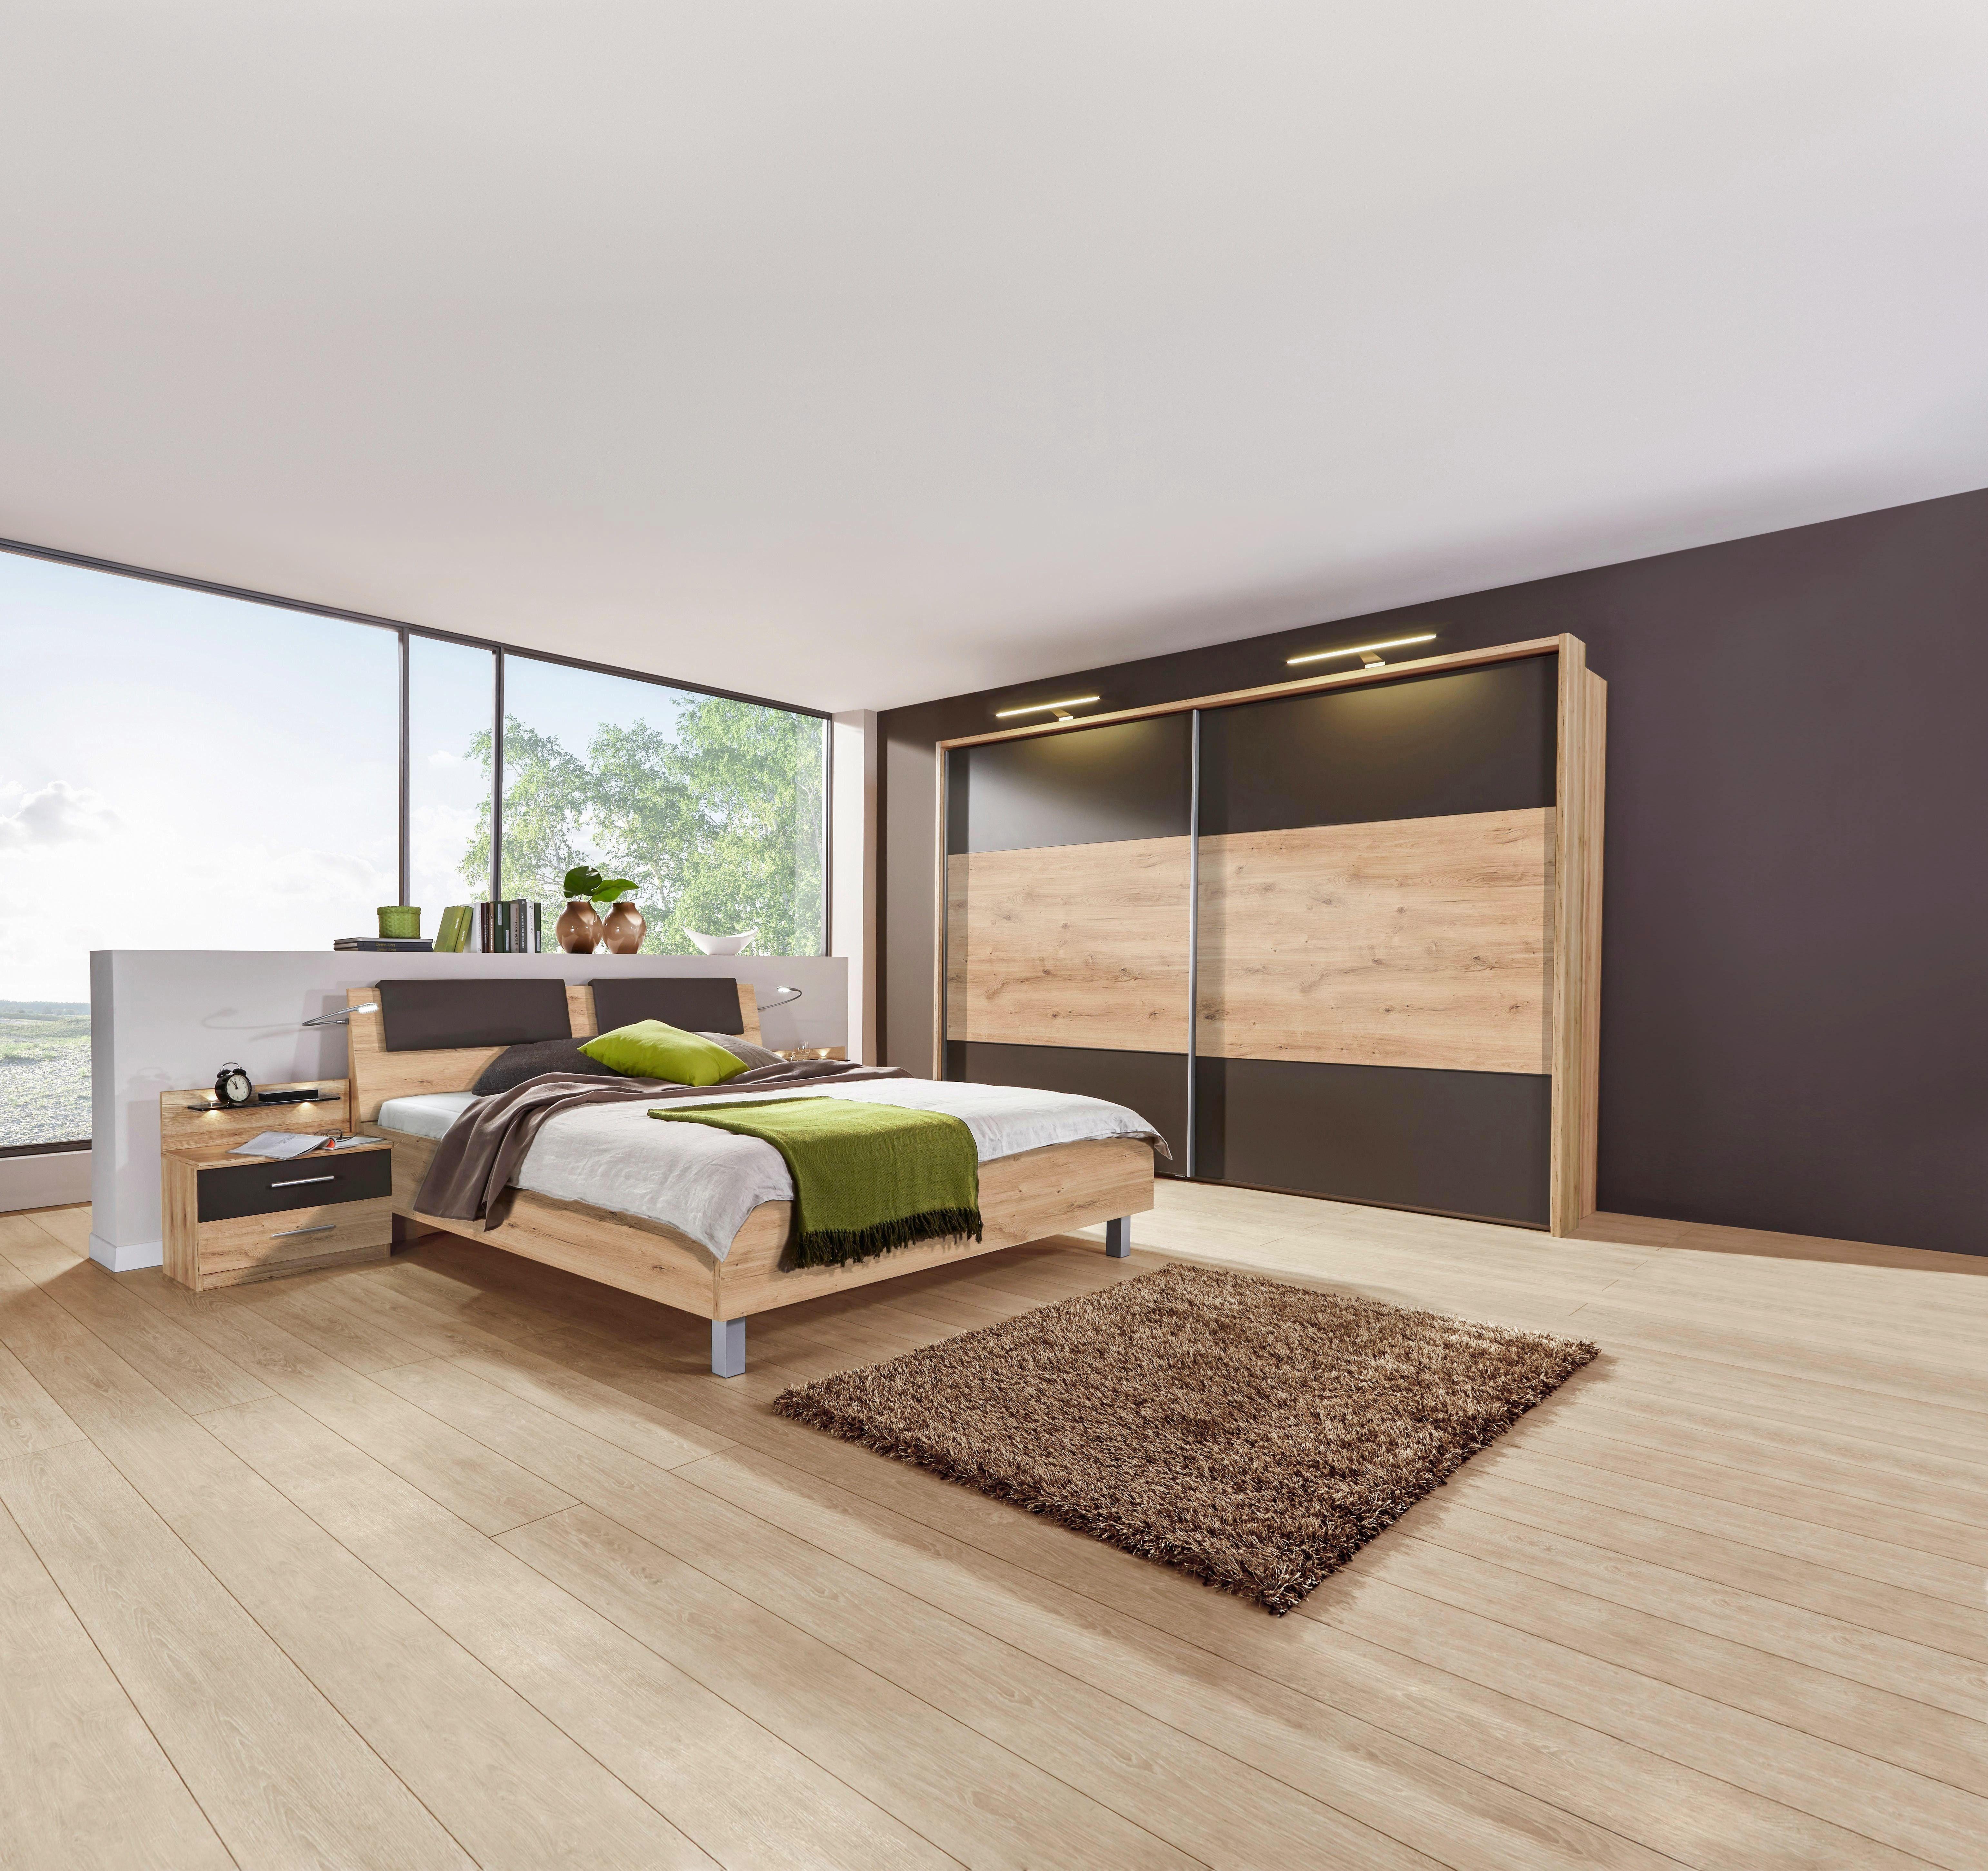 Xxl Lutz Schlafzimmer Komplett Zahra Style in 17  Zimmer, Haus